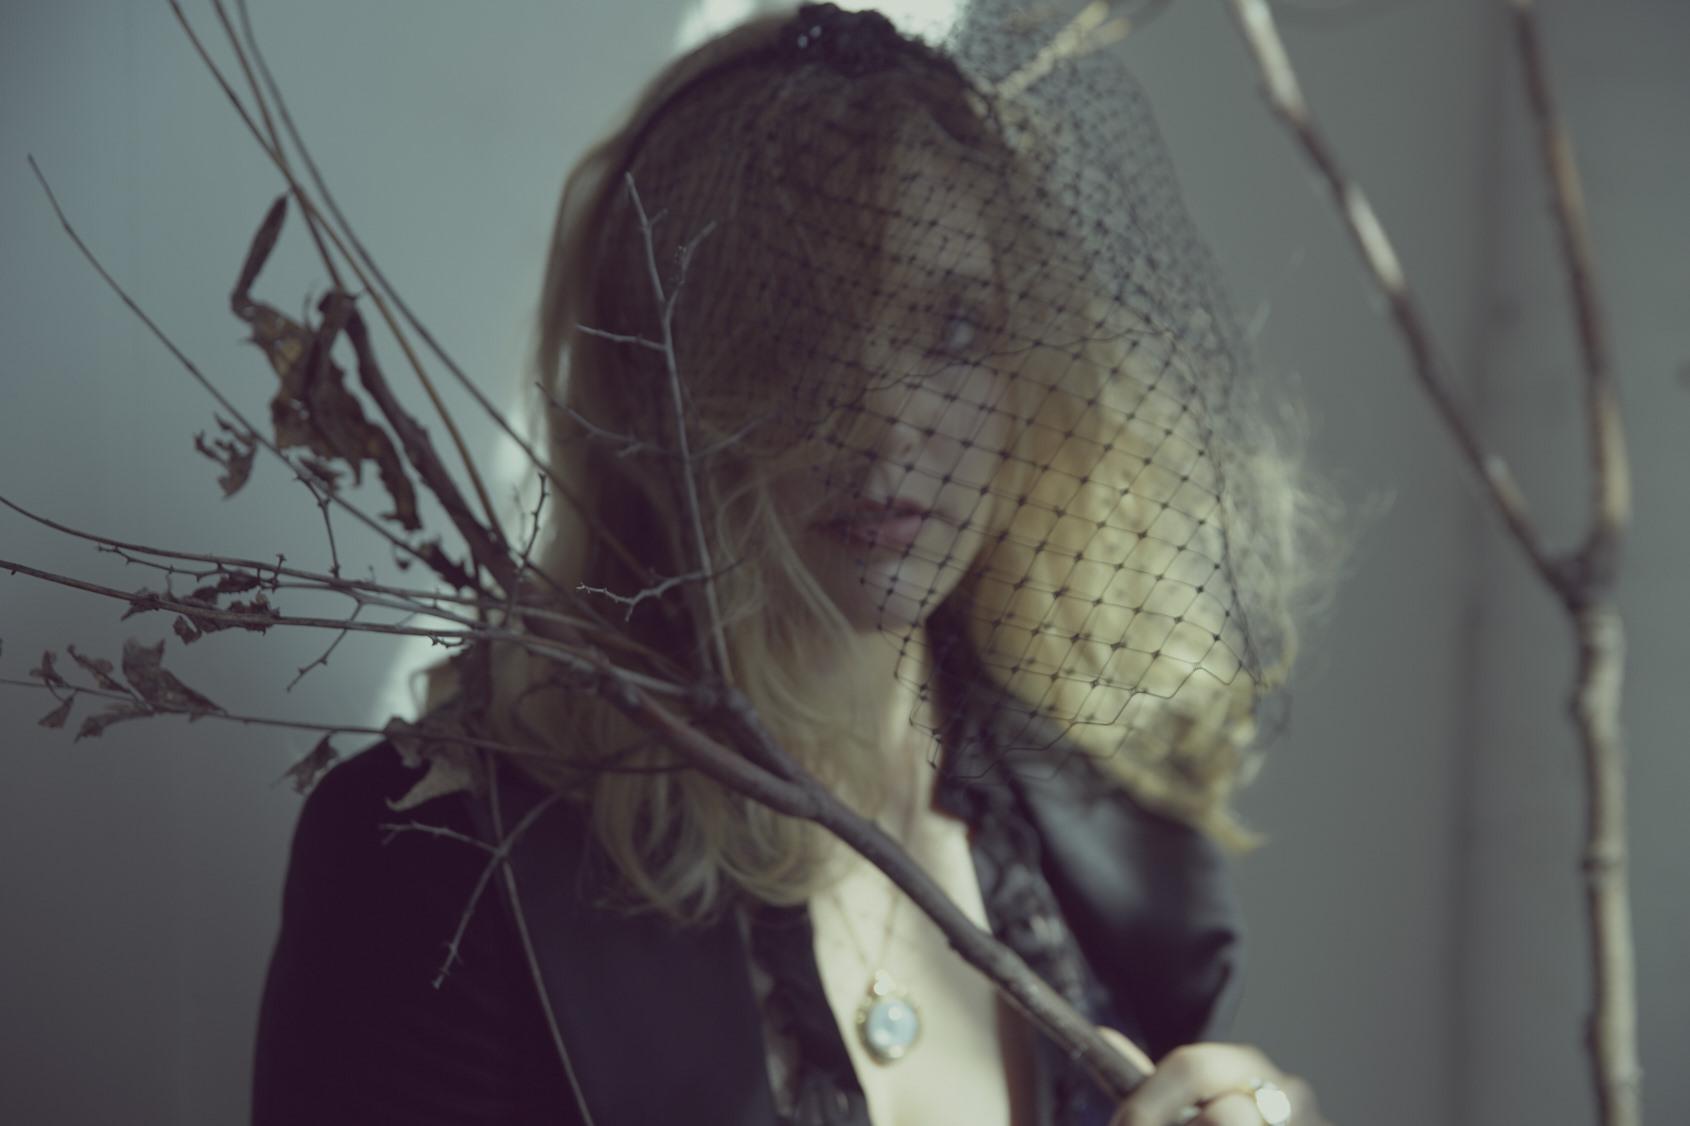 Blazer by Pierre Balmain, blouse by Saint Laurent, veil by Maison Michel, necklace by Pamela Love